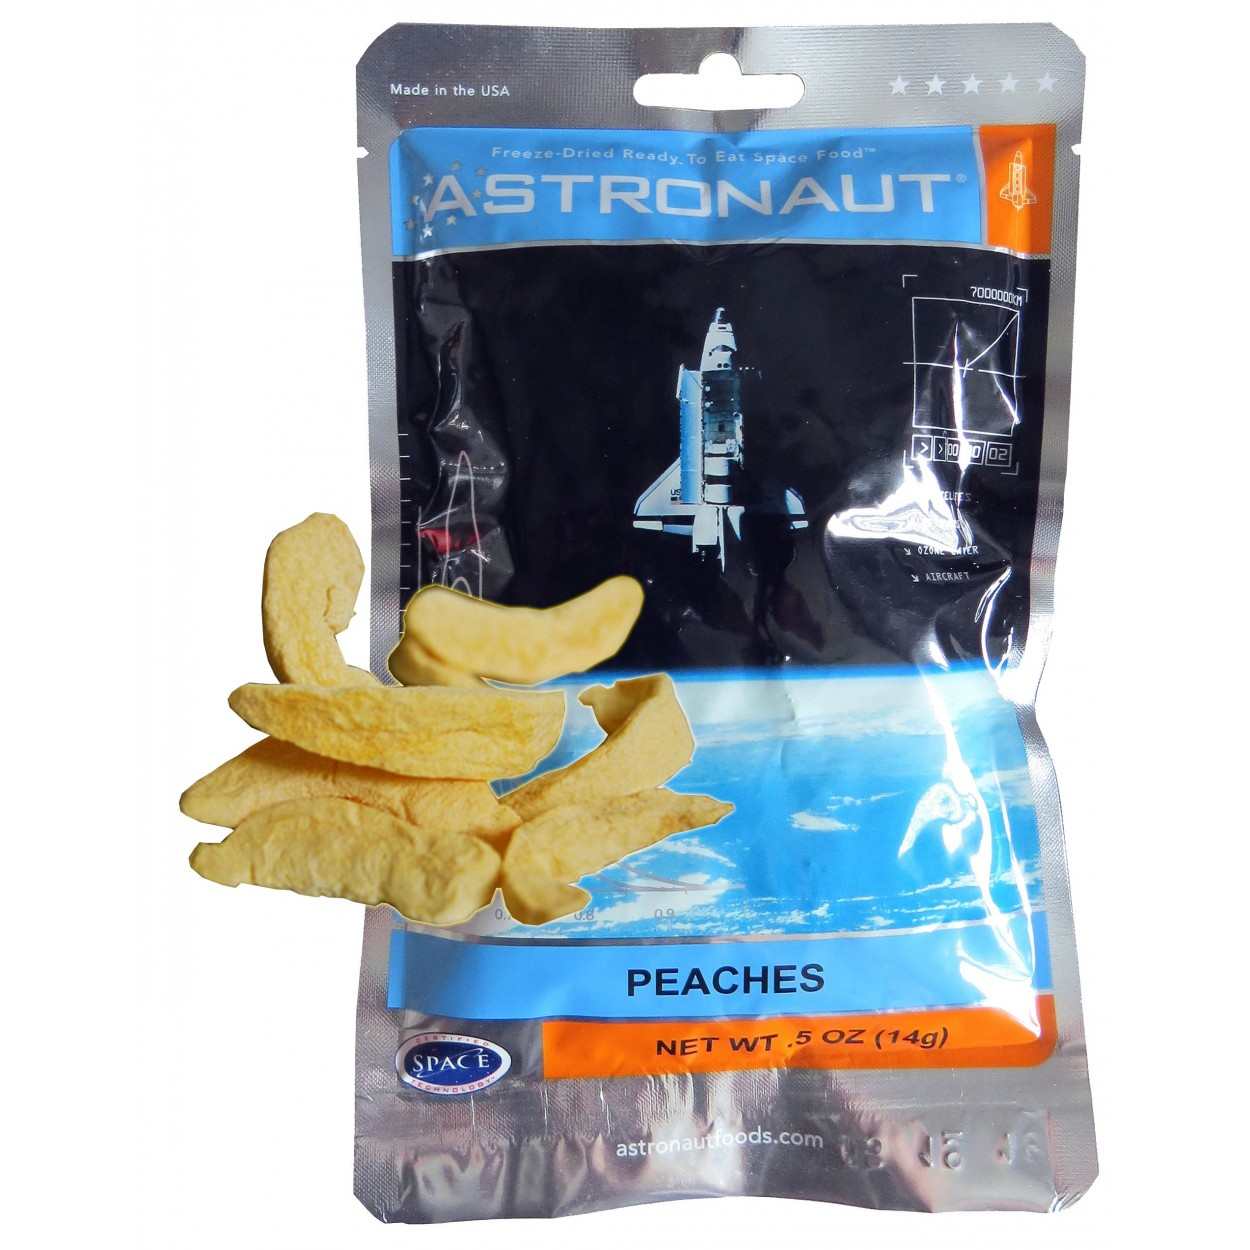 Comida de astronauta: você também vai comer